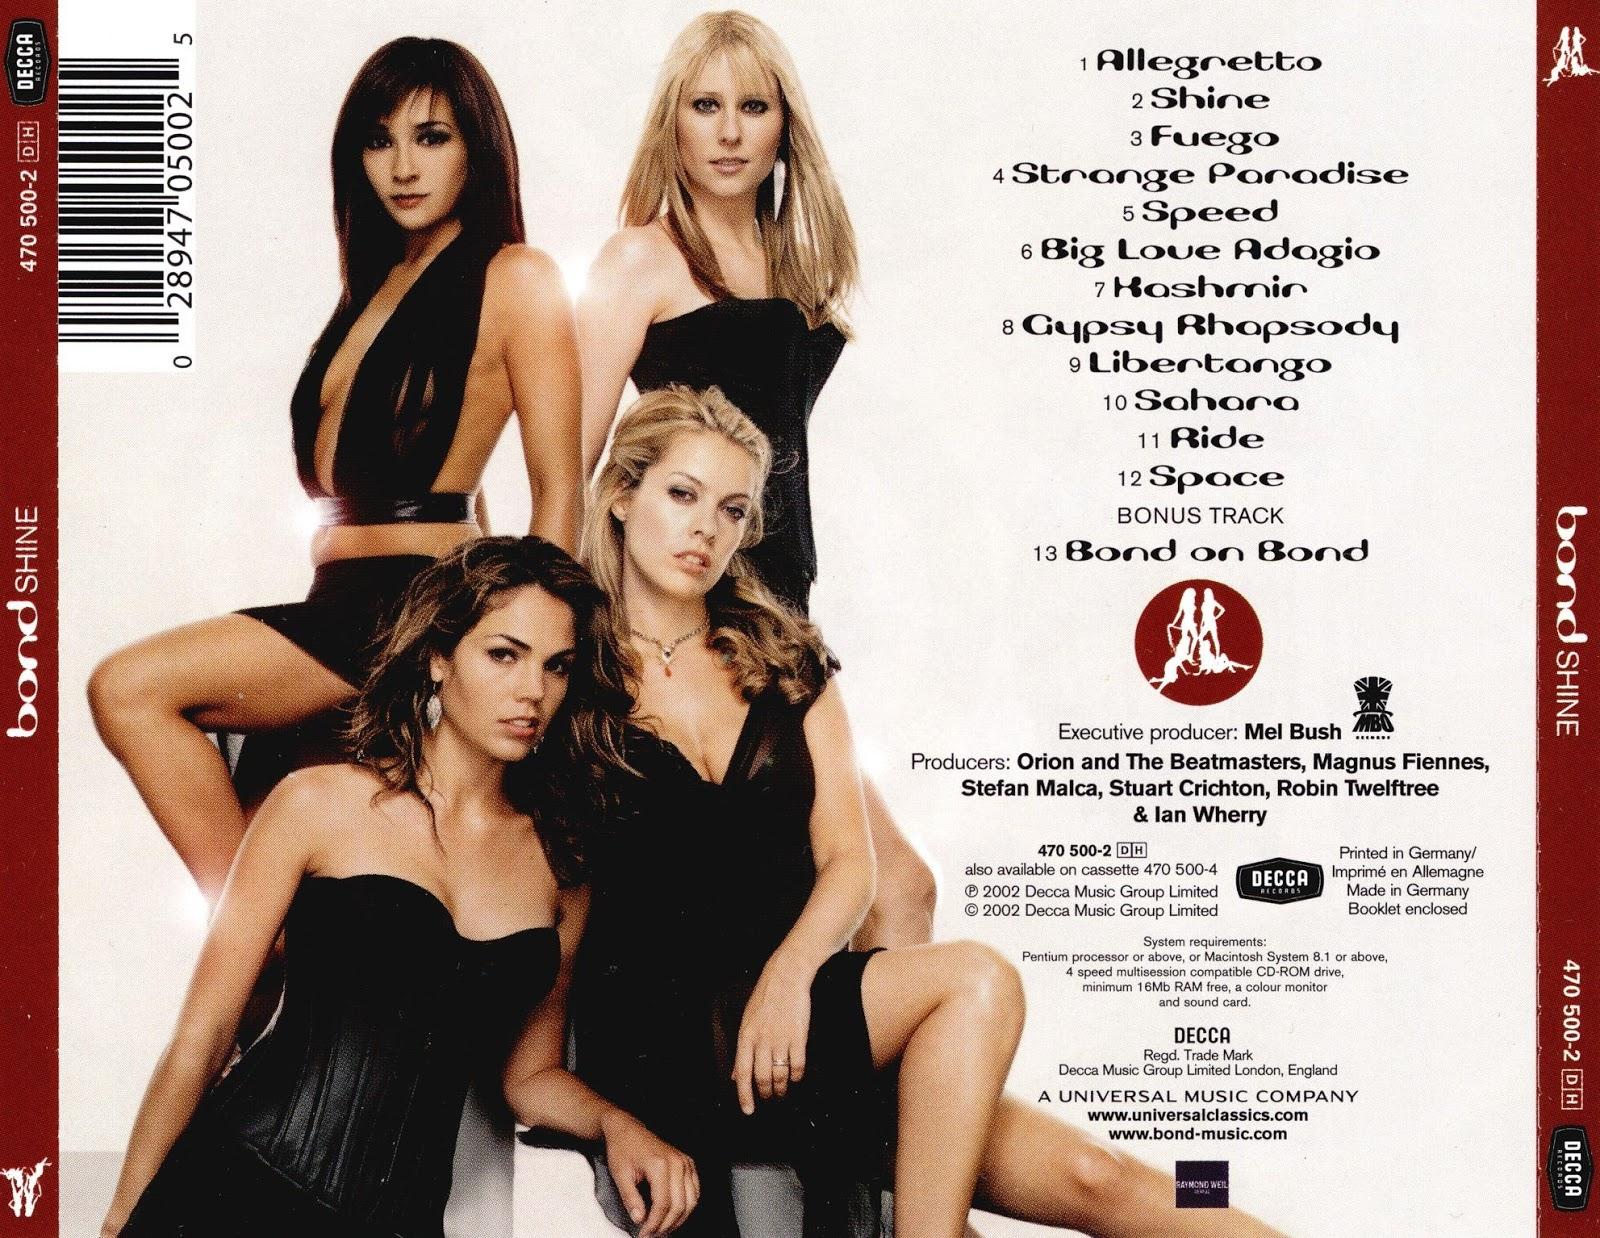 Chia sẻ nhạc Lossless & Lossy: 2002 - Bond - Shine [MP3 320Kbps]